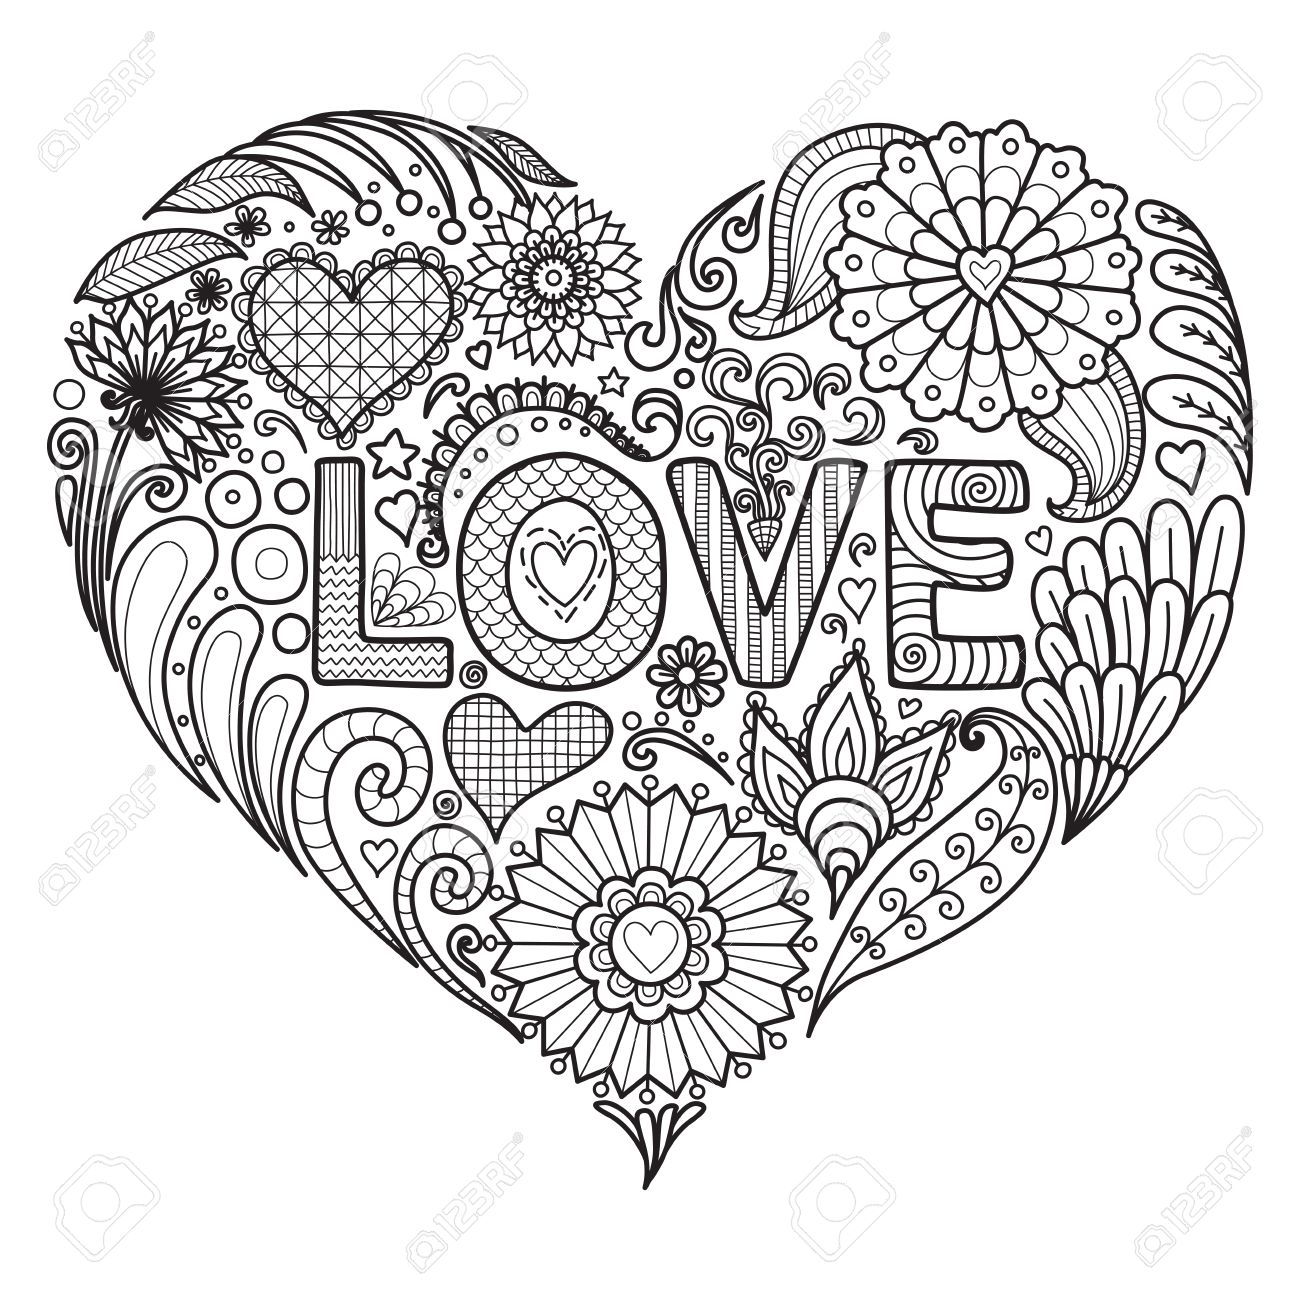 花とテキストの恋などなどカード大人の塗り絵の心臓形状設計の